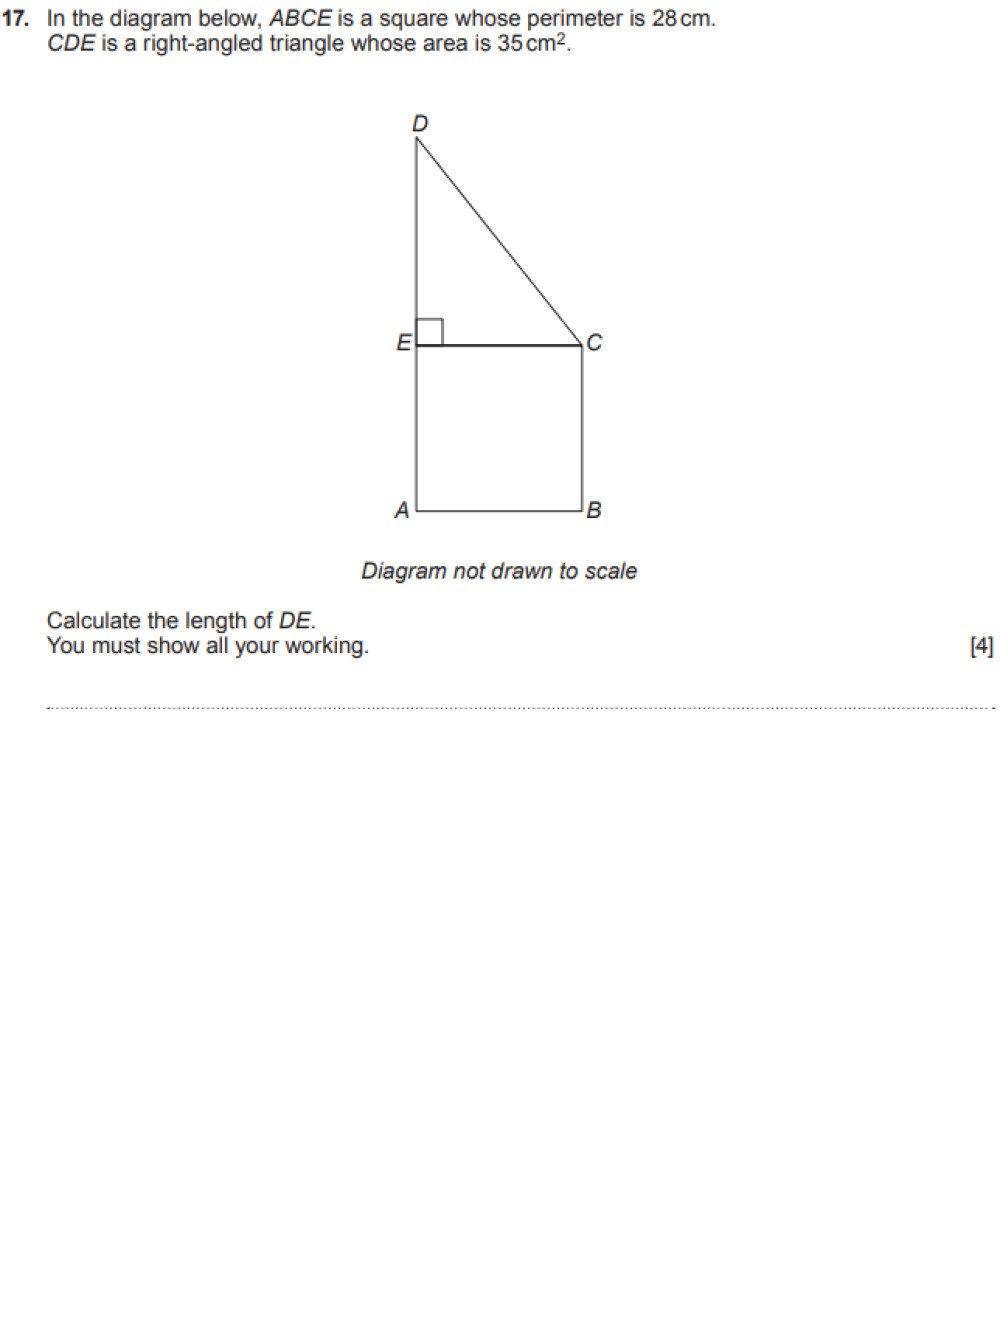 GCSE past paper question